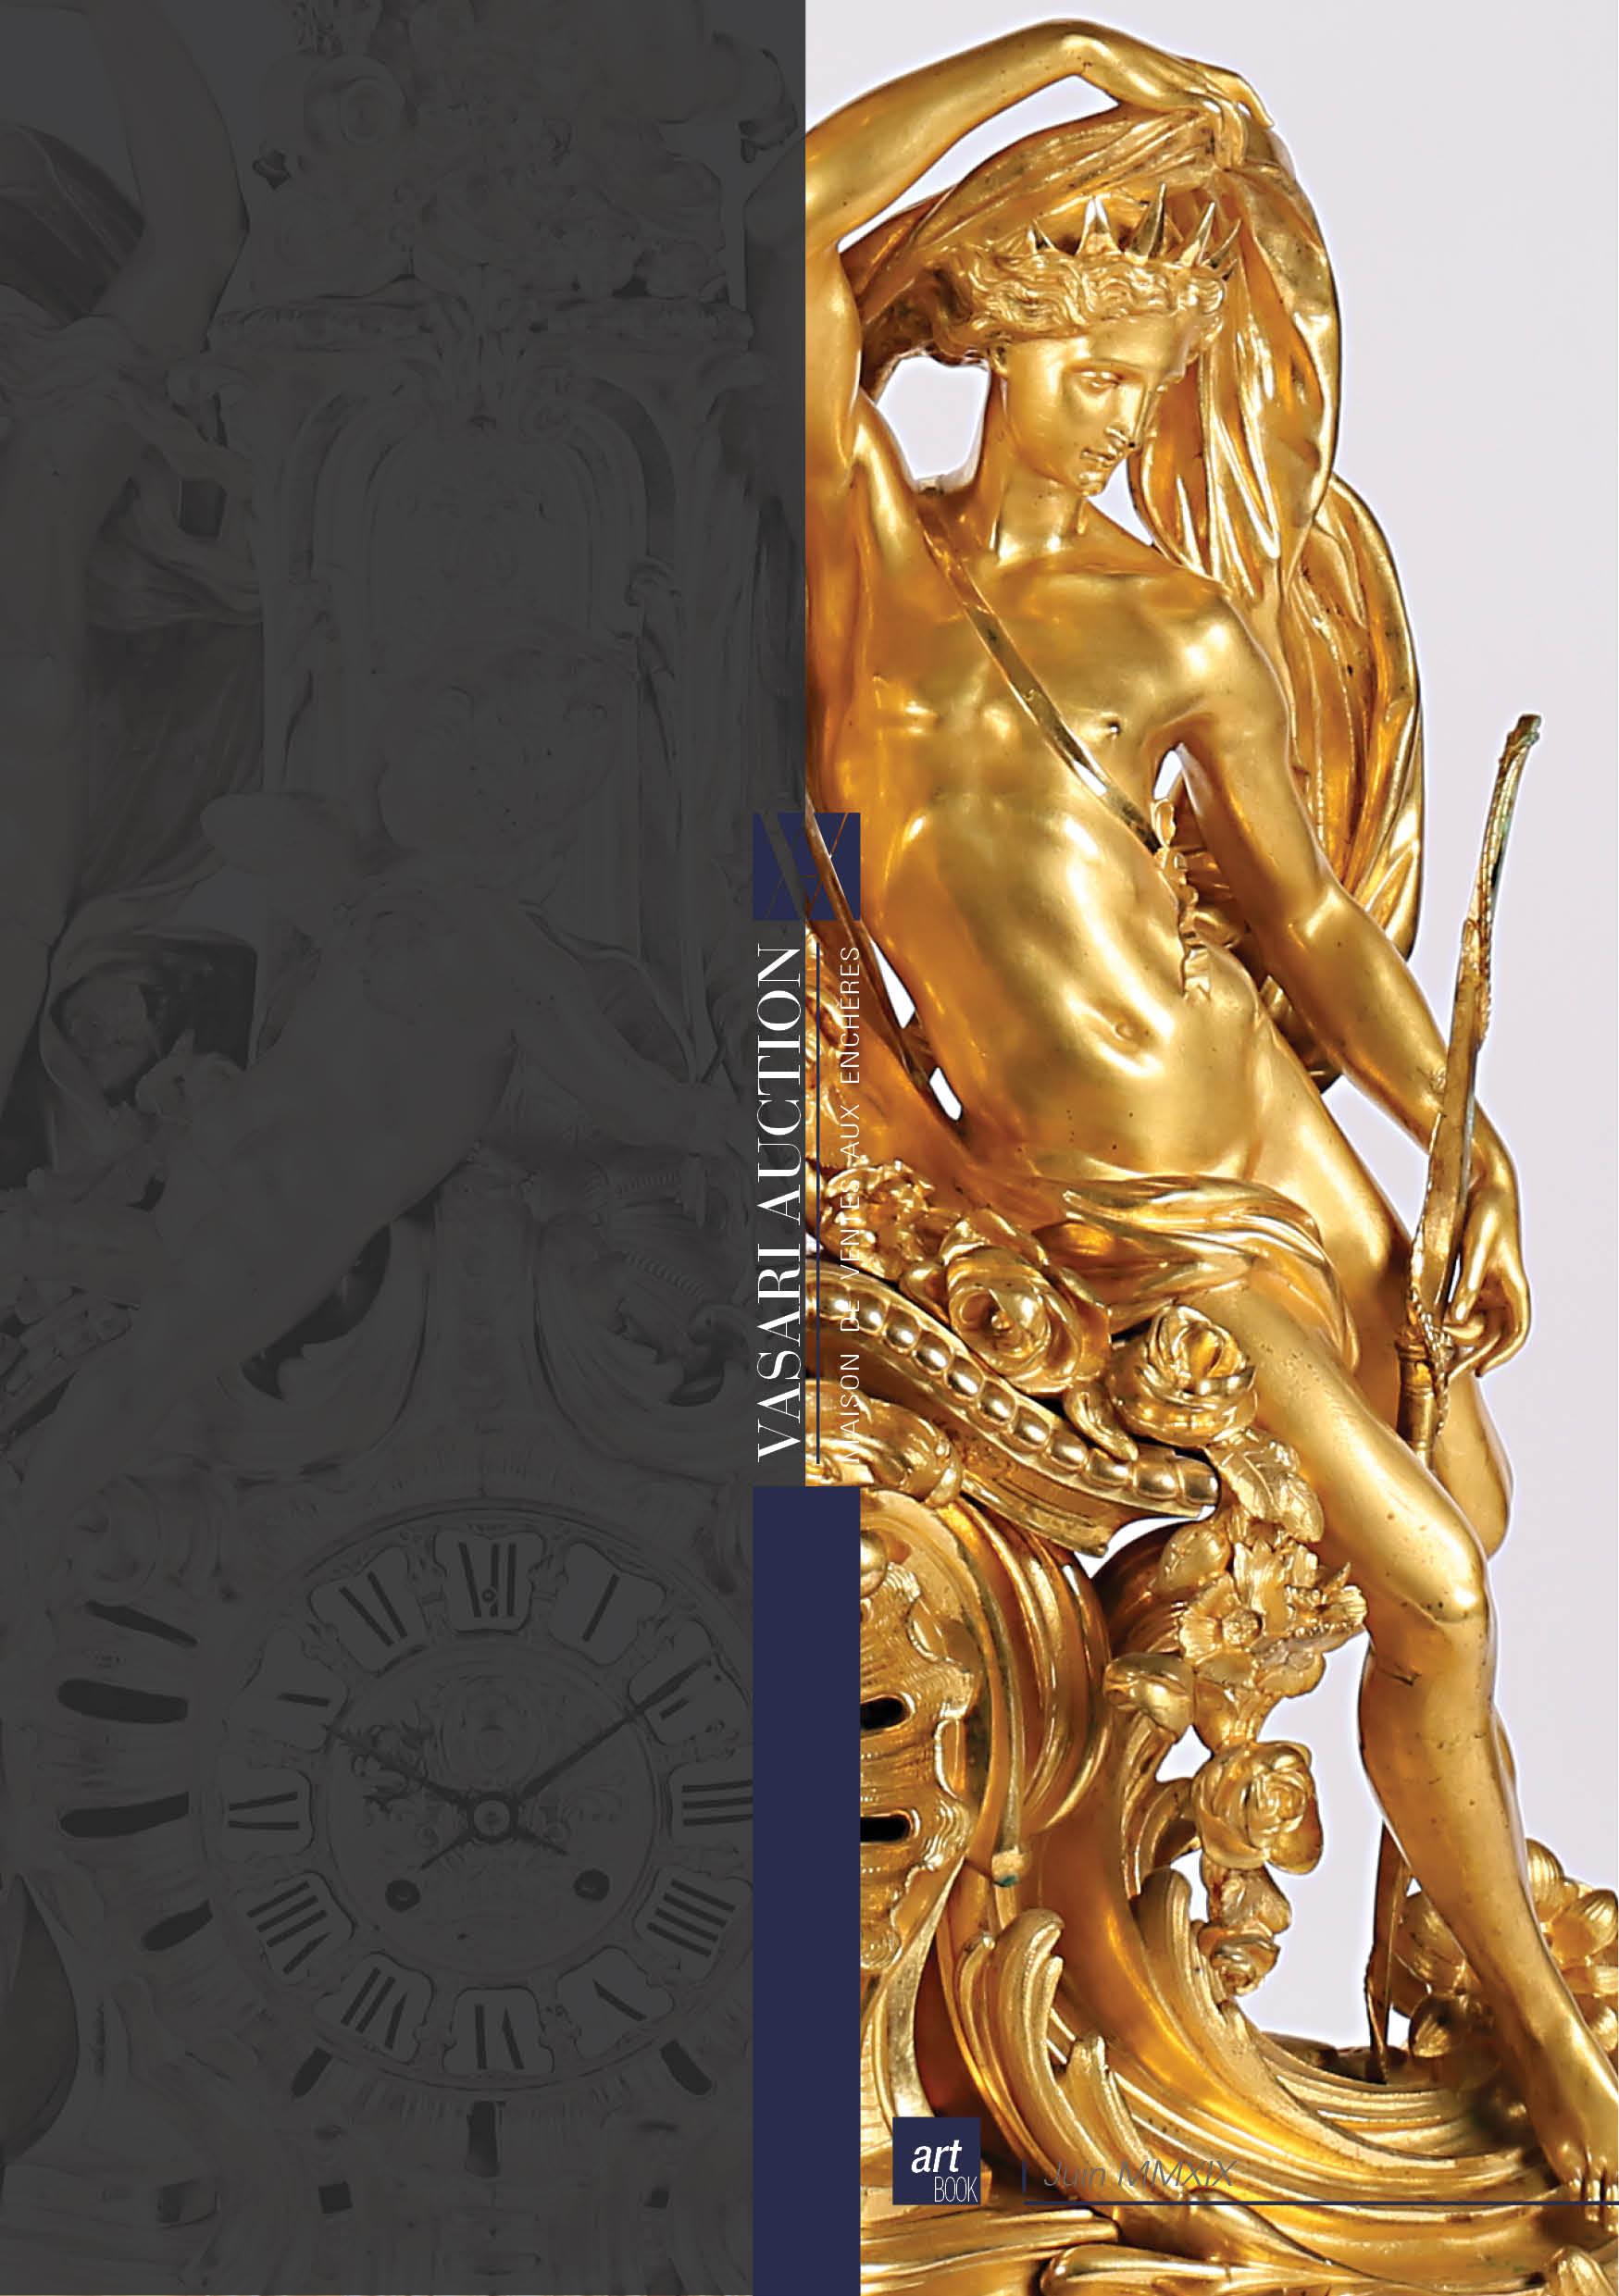 Vente Art & Décoration XXXII chez Vasari Auction : 241 lots